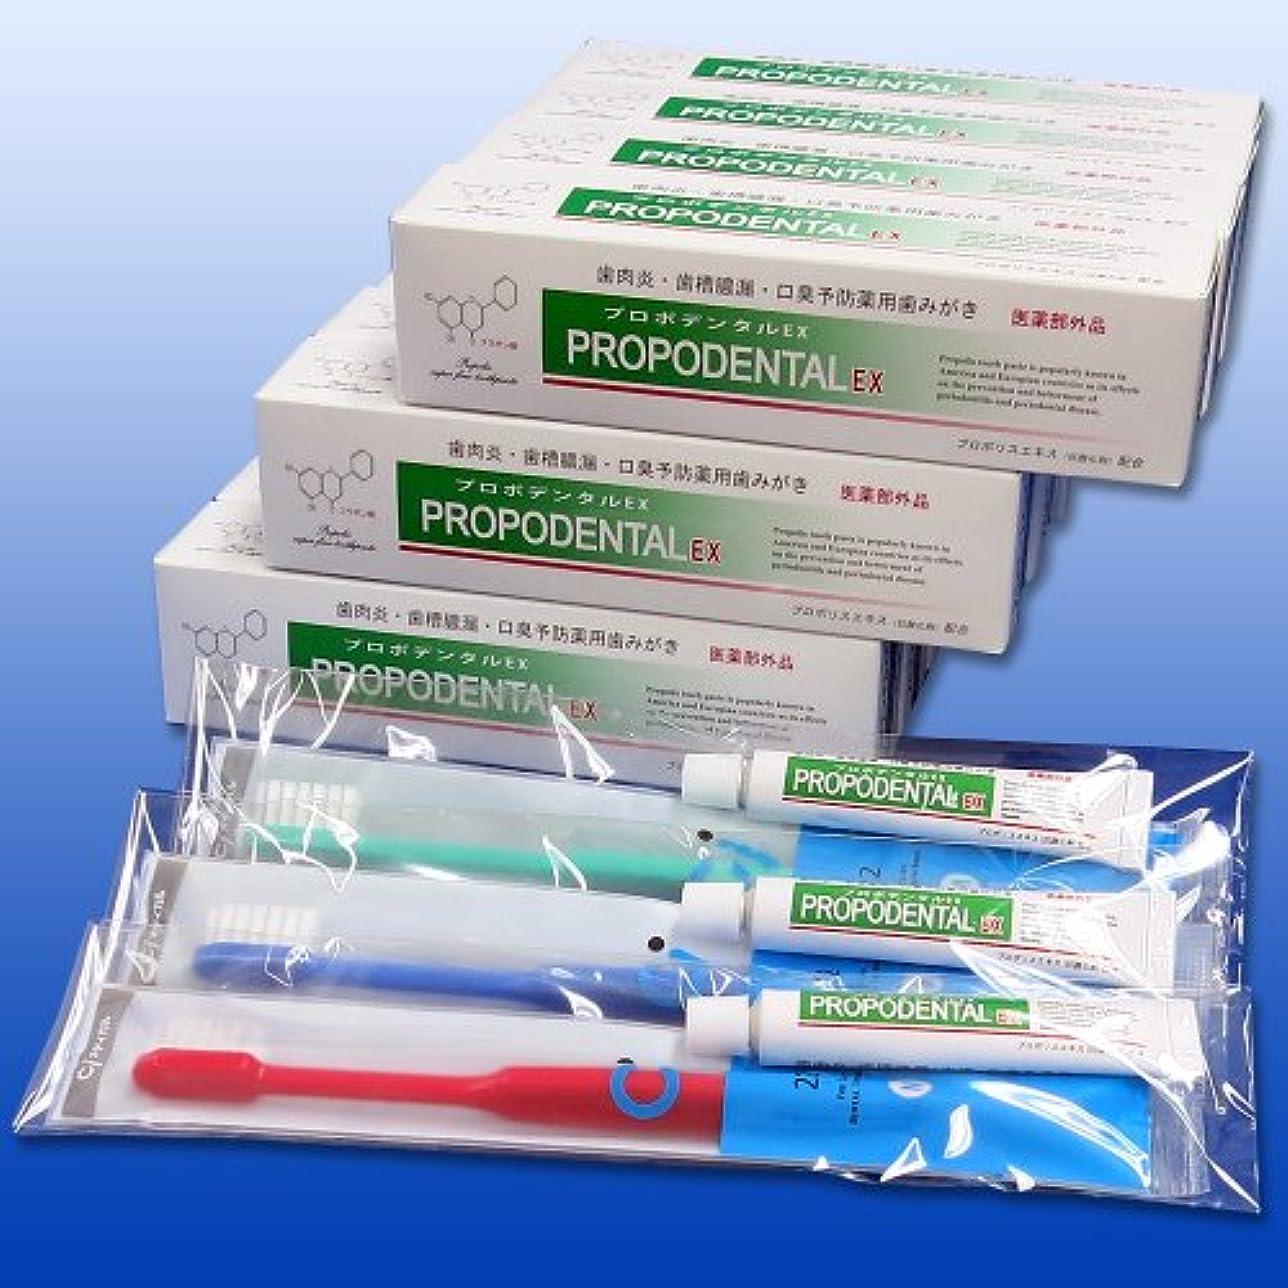 みすぼらしいメインキャンププロポデンタルEX(80g)12本セット+ハブラシセット 3セット【歯周病】歯磨き粉 プロポリス配合薬用歯みがき 口臭ケア